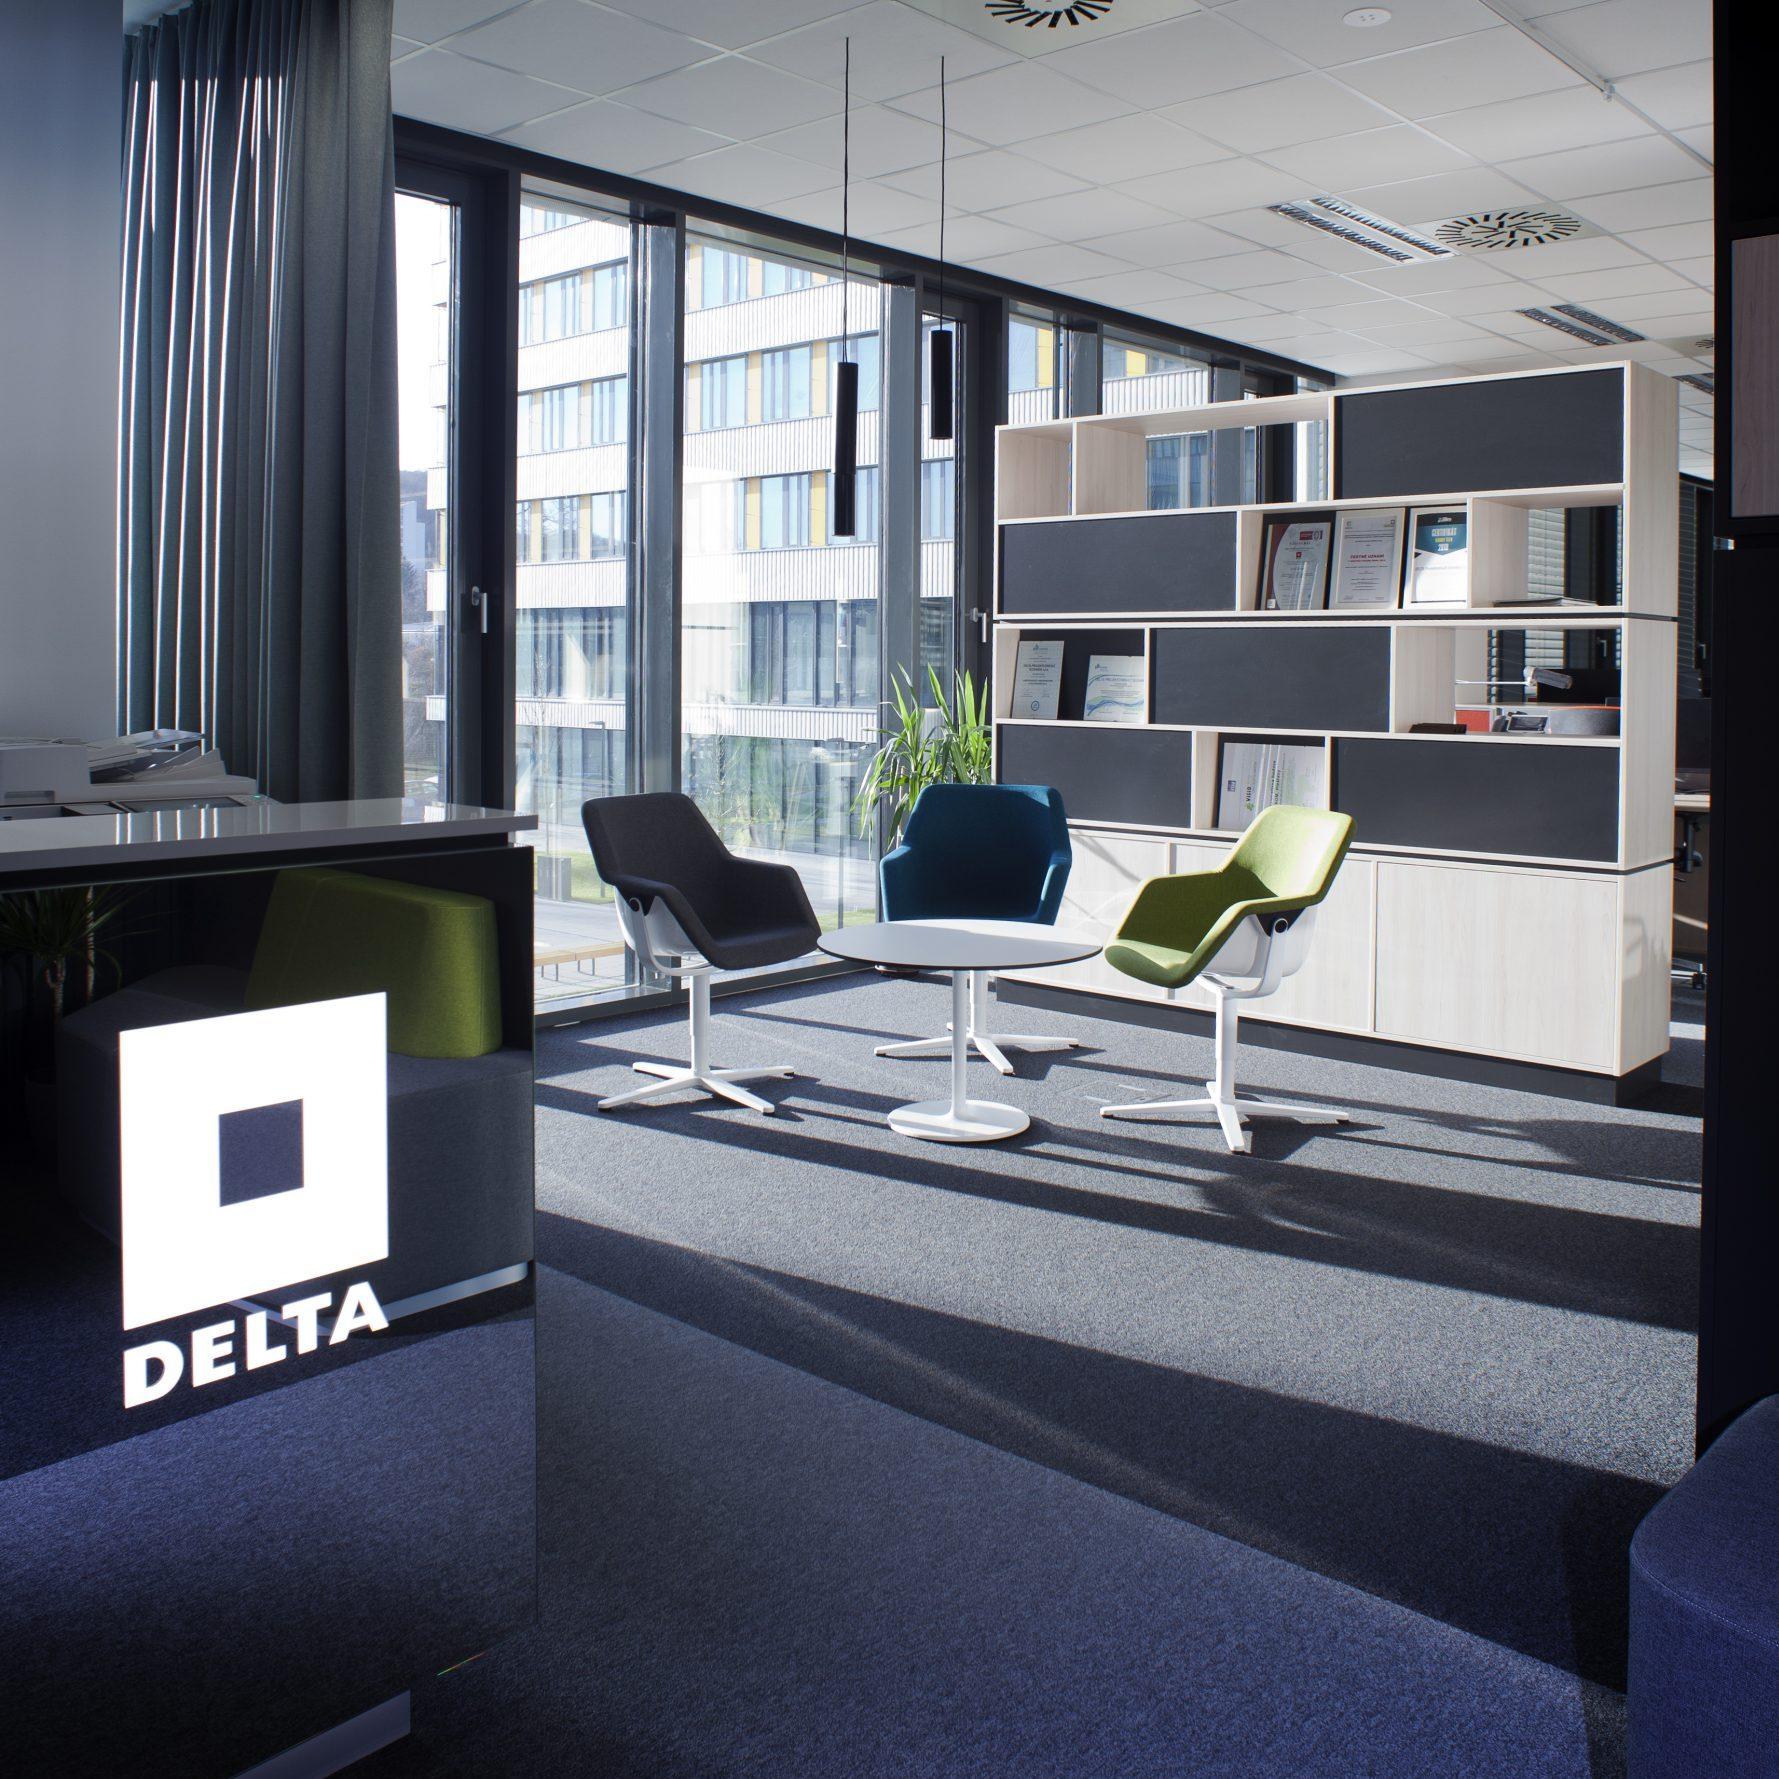 Kancelárské priestory Delta Group Slovensko v Bratislave